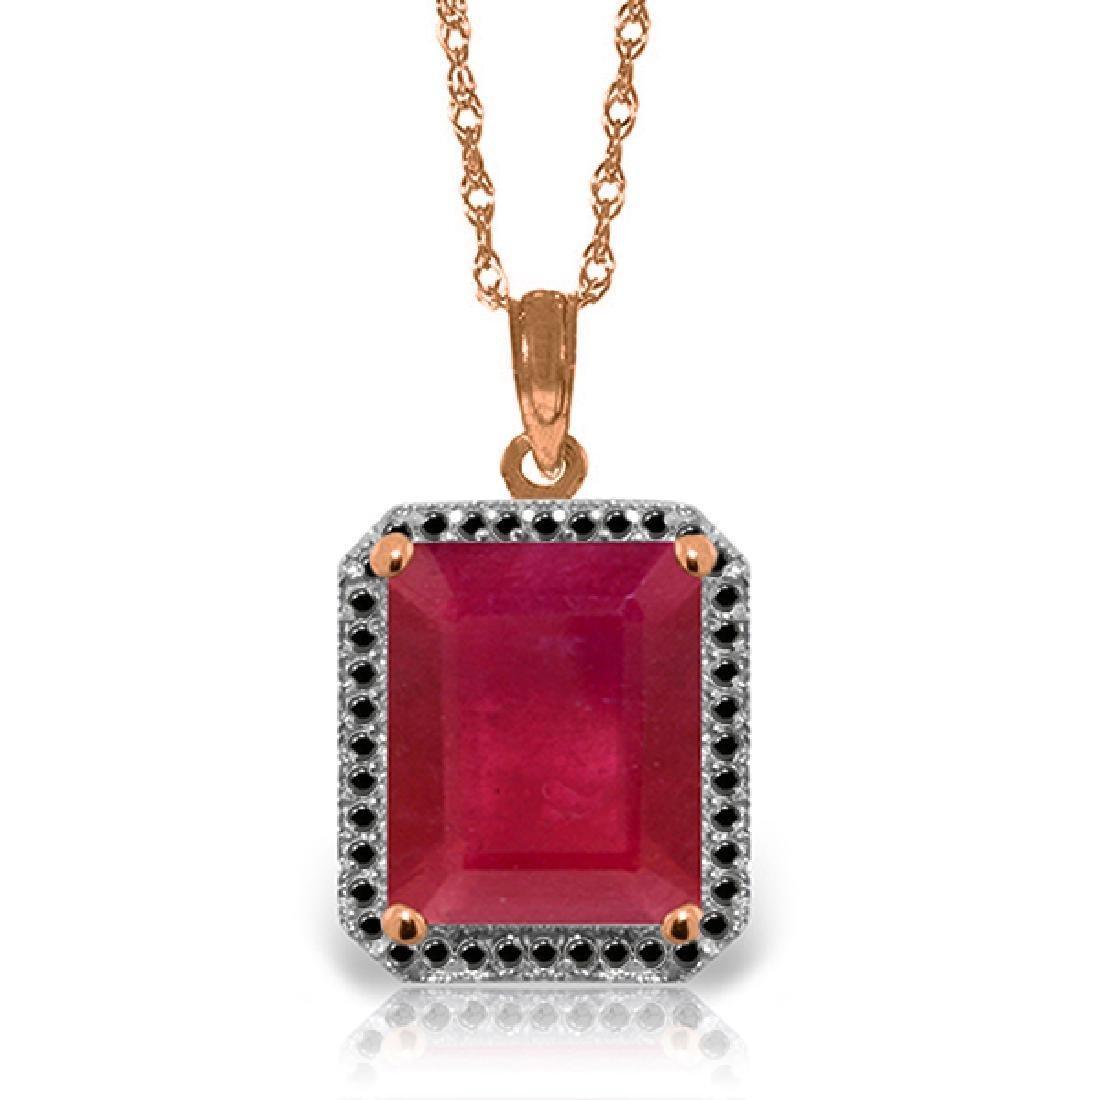 Genuine 7.45 ctw Ruby & Black Diamond Necklace Jewelry